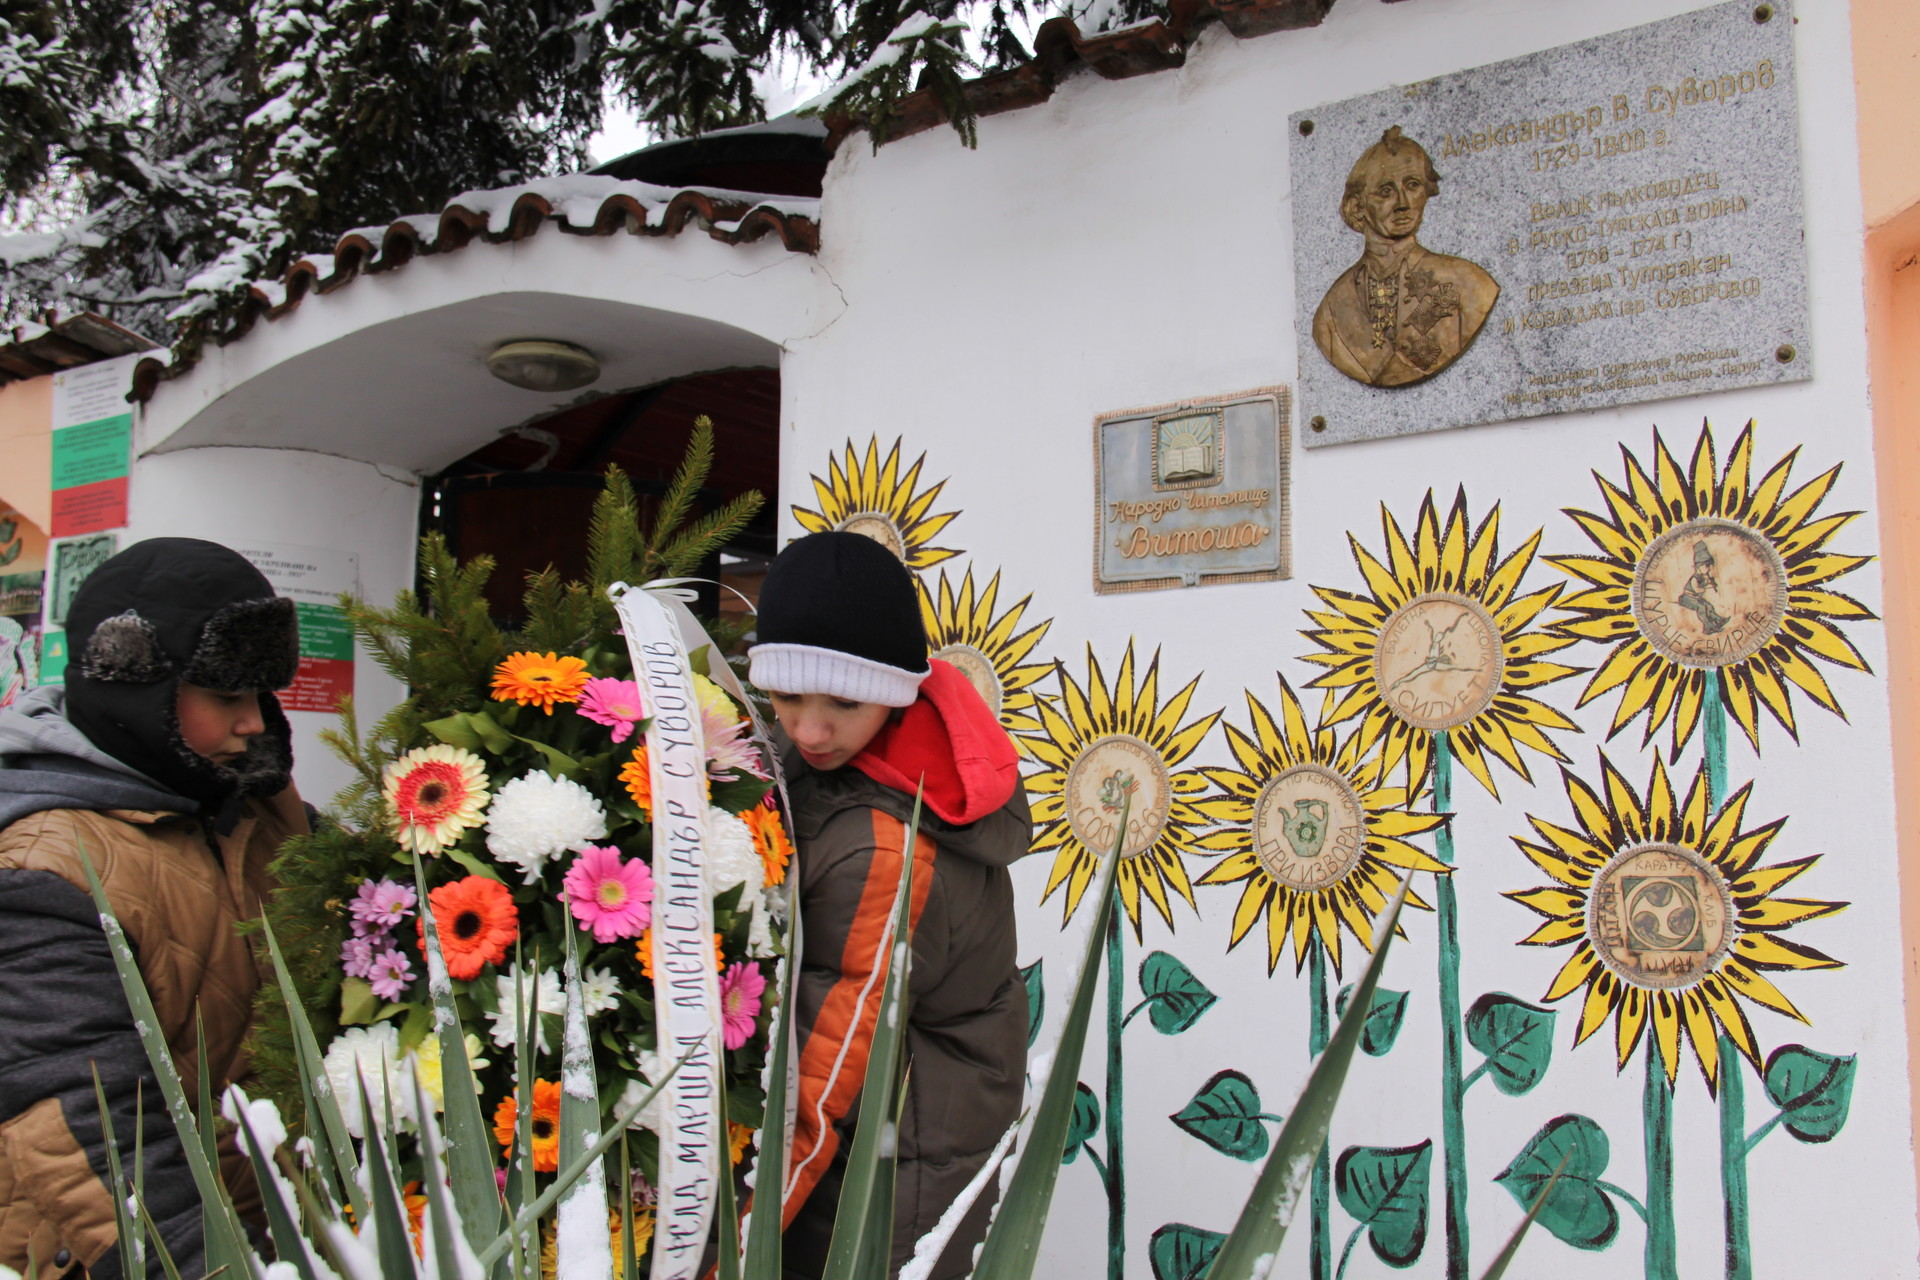 Поднасяне на цветя пред паметната плоча на ген. Суворов.